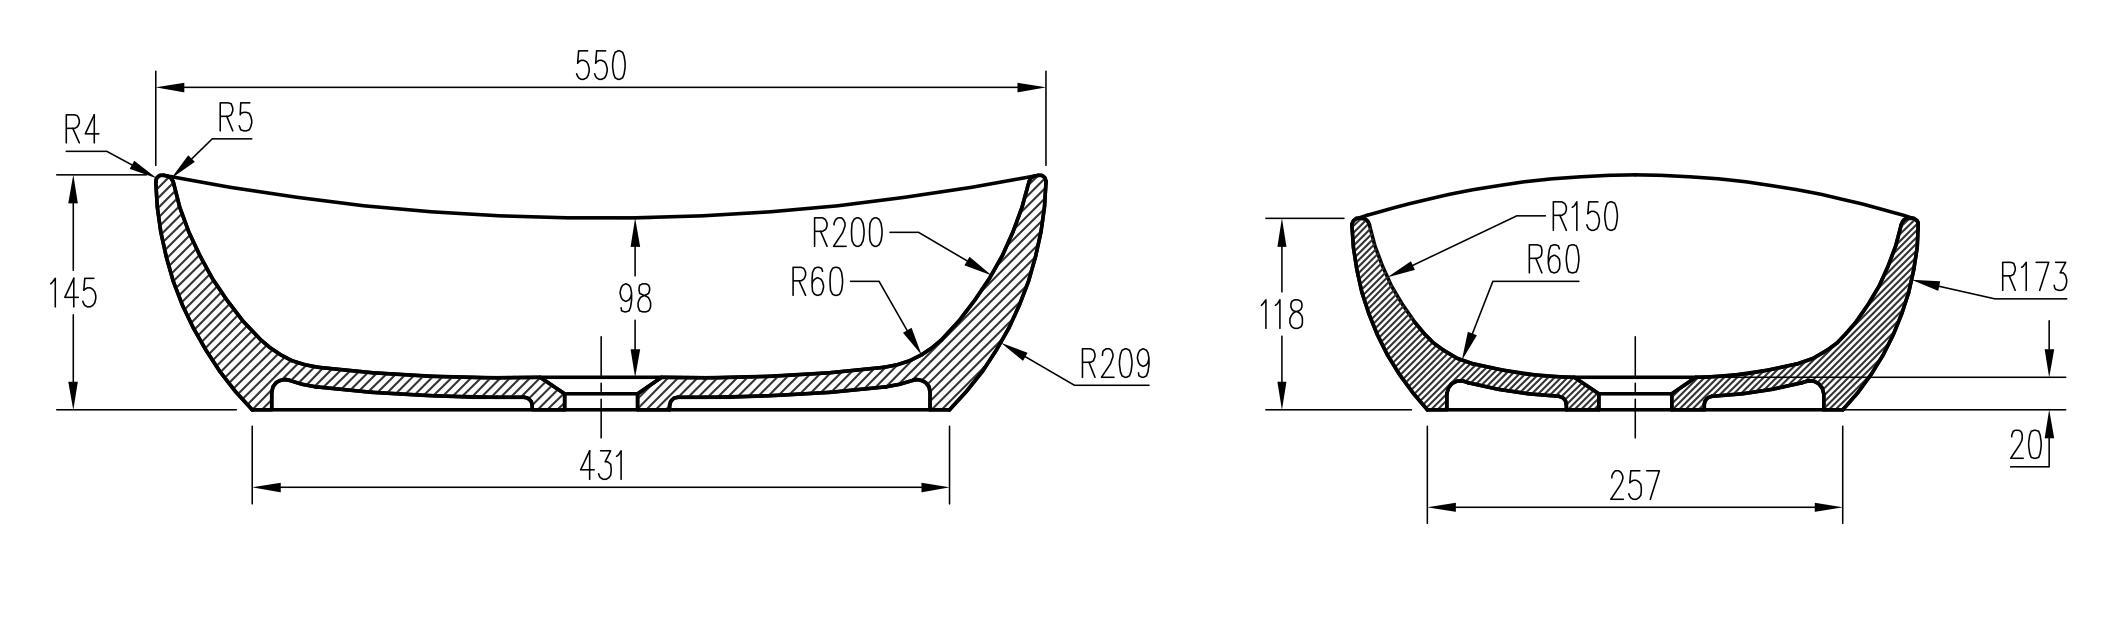 Aufsatzwaschbecken PB2004 - Zeichnung 2